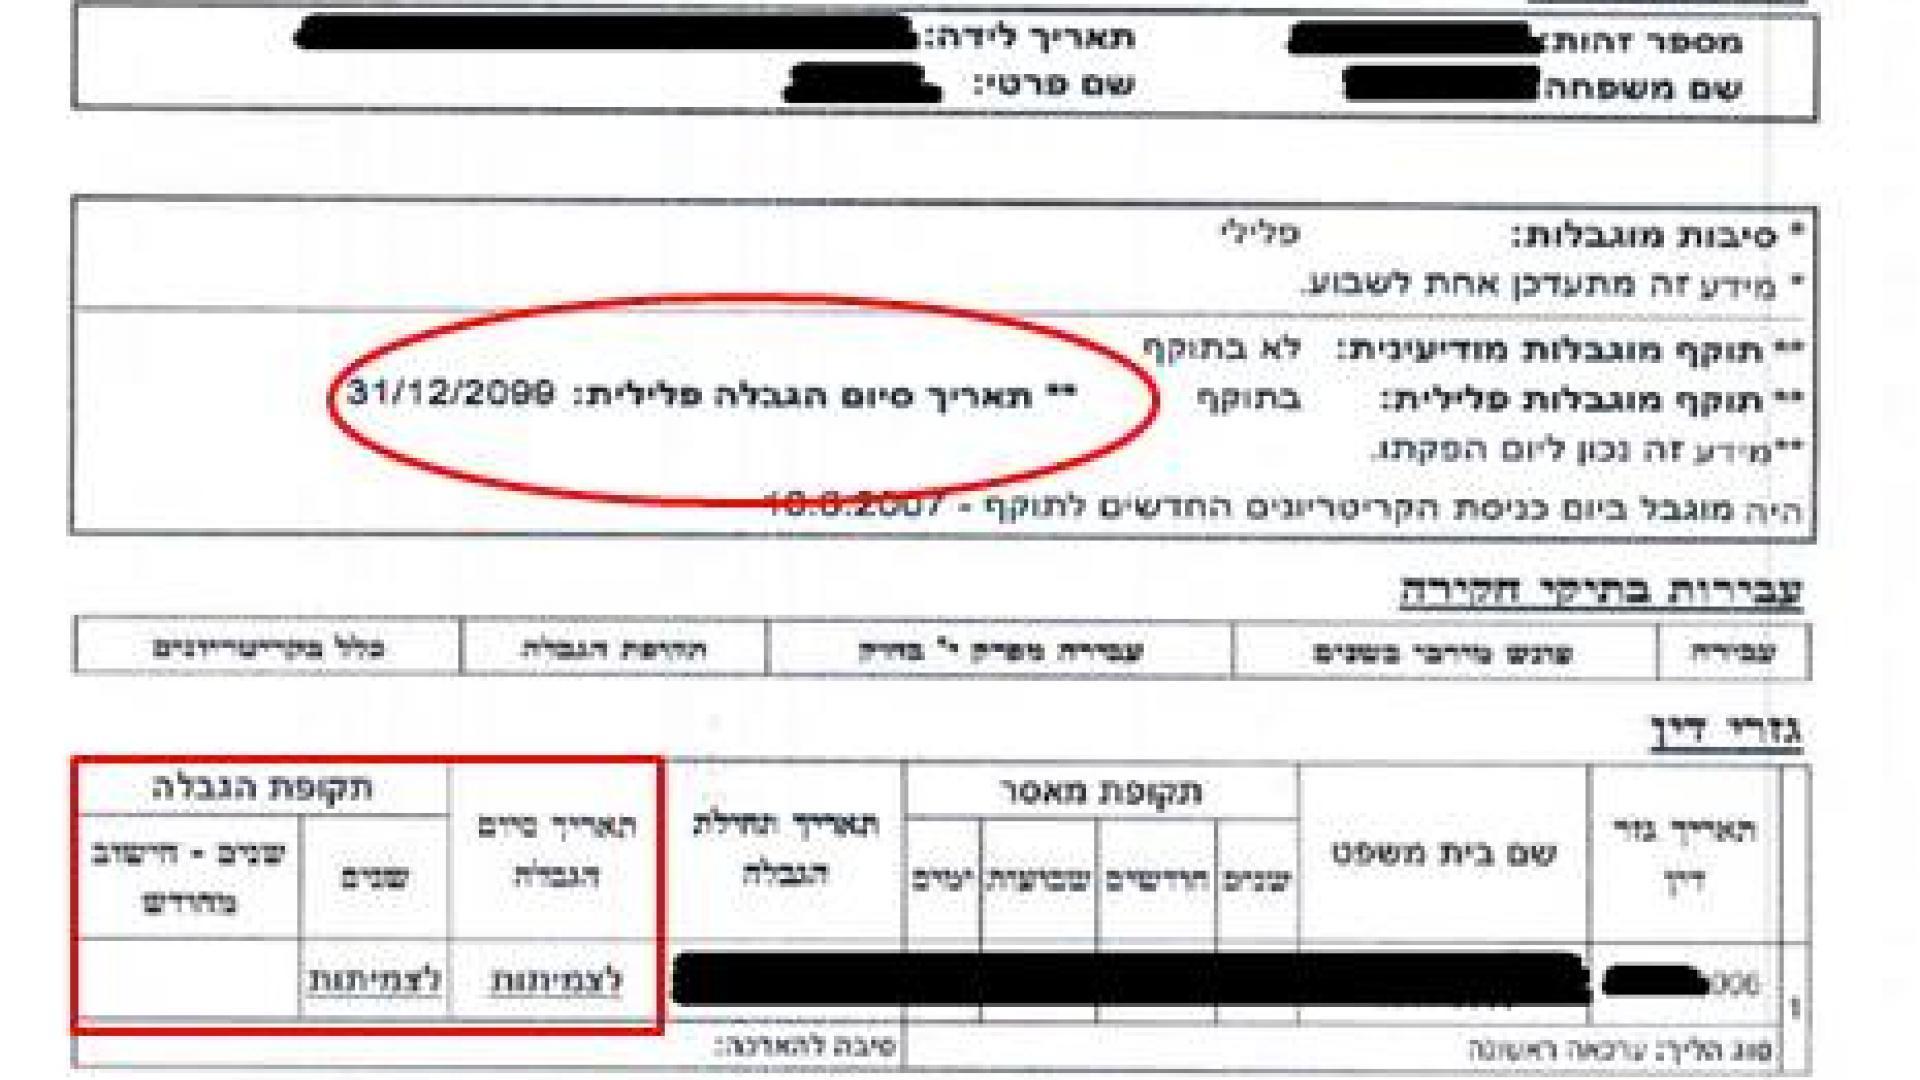 טופס מניעה משטרתית עד 2099